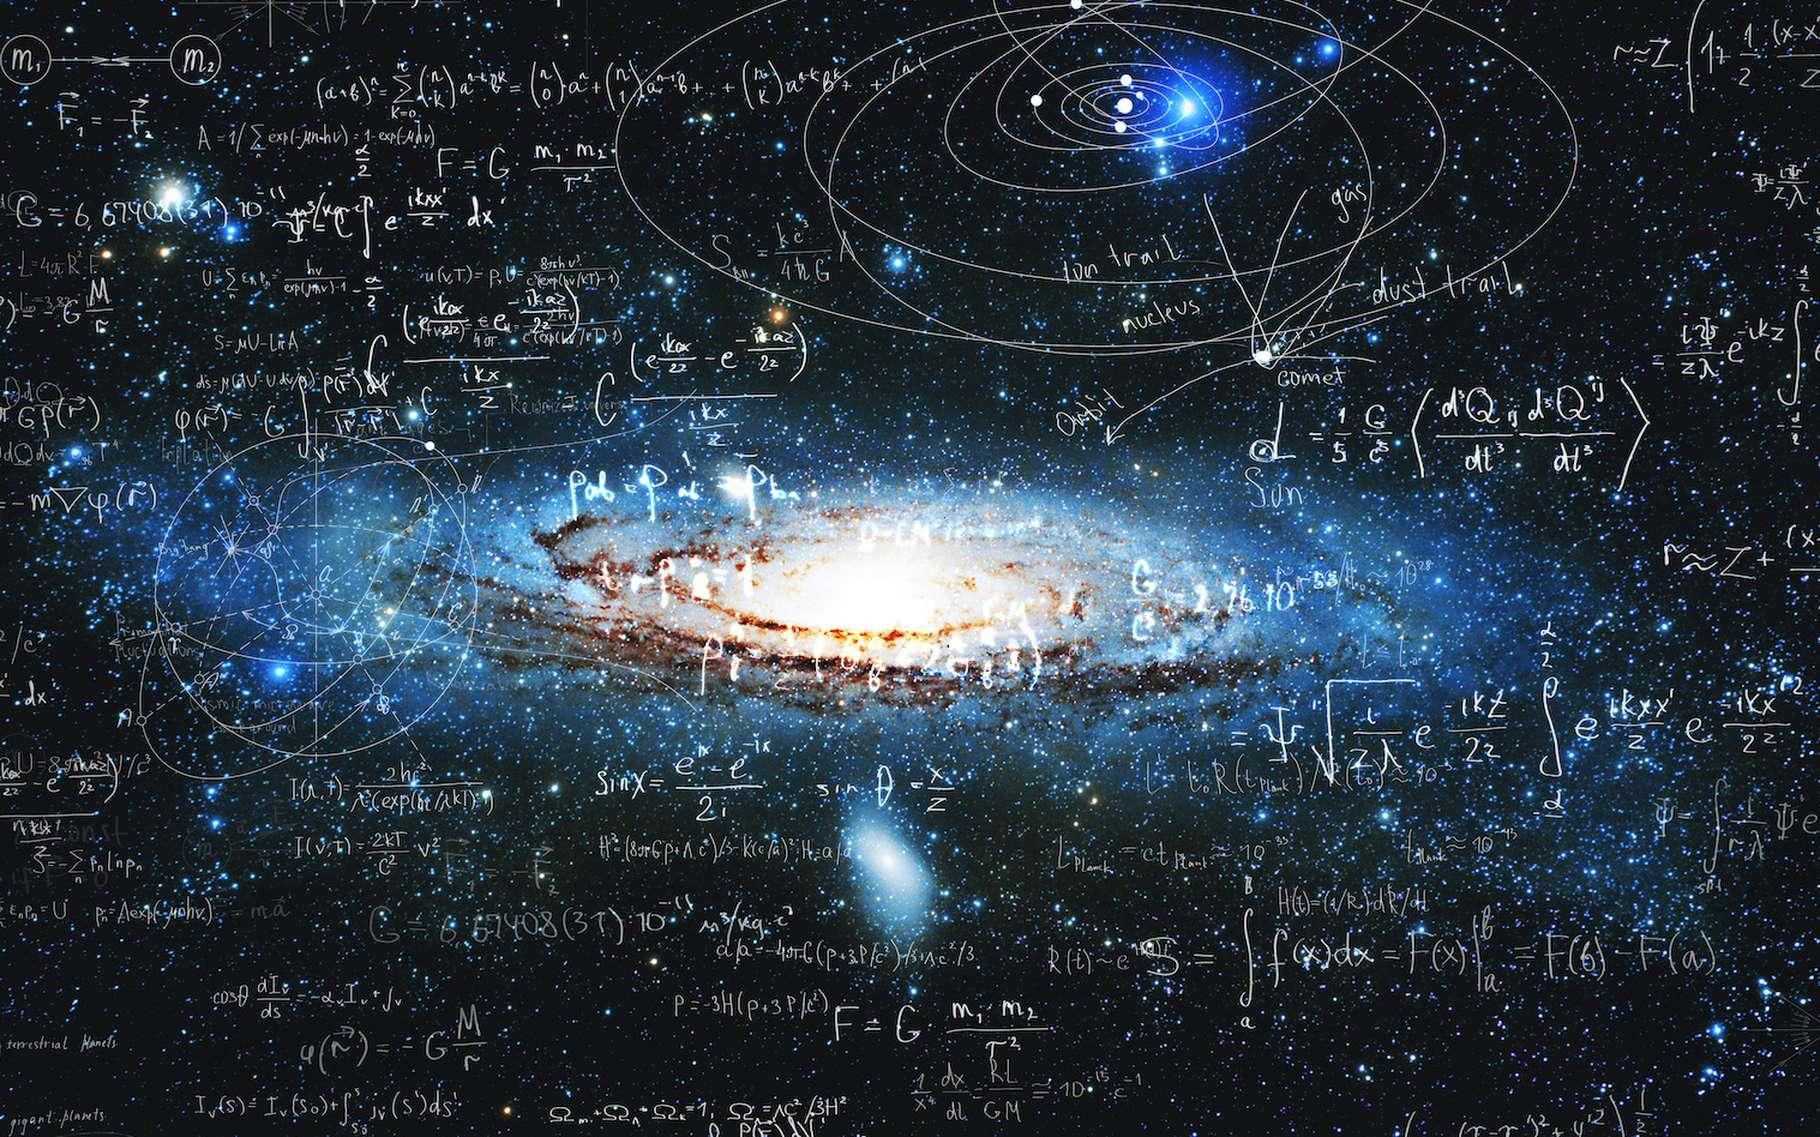 Les expériences menées par des chercheurs de l'université de Rochester (États-Unis) pourraient aider à expliquer l'origine des champs magnétiques que l'on trouve par exemple dans les amas de galaxies. © Ulia Koltyrina, Adobe Stock